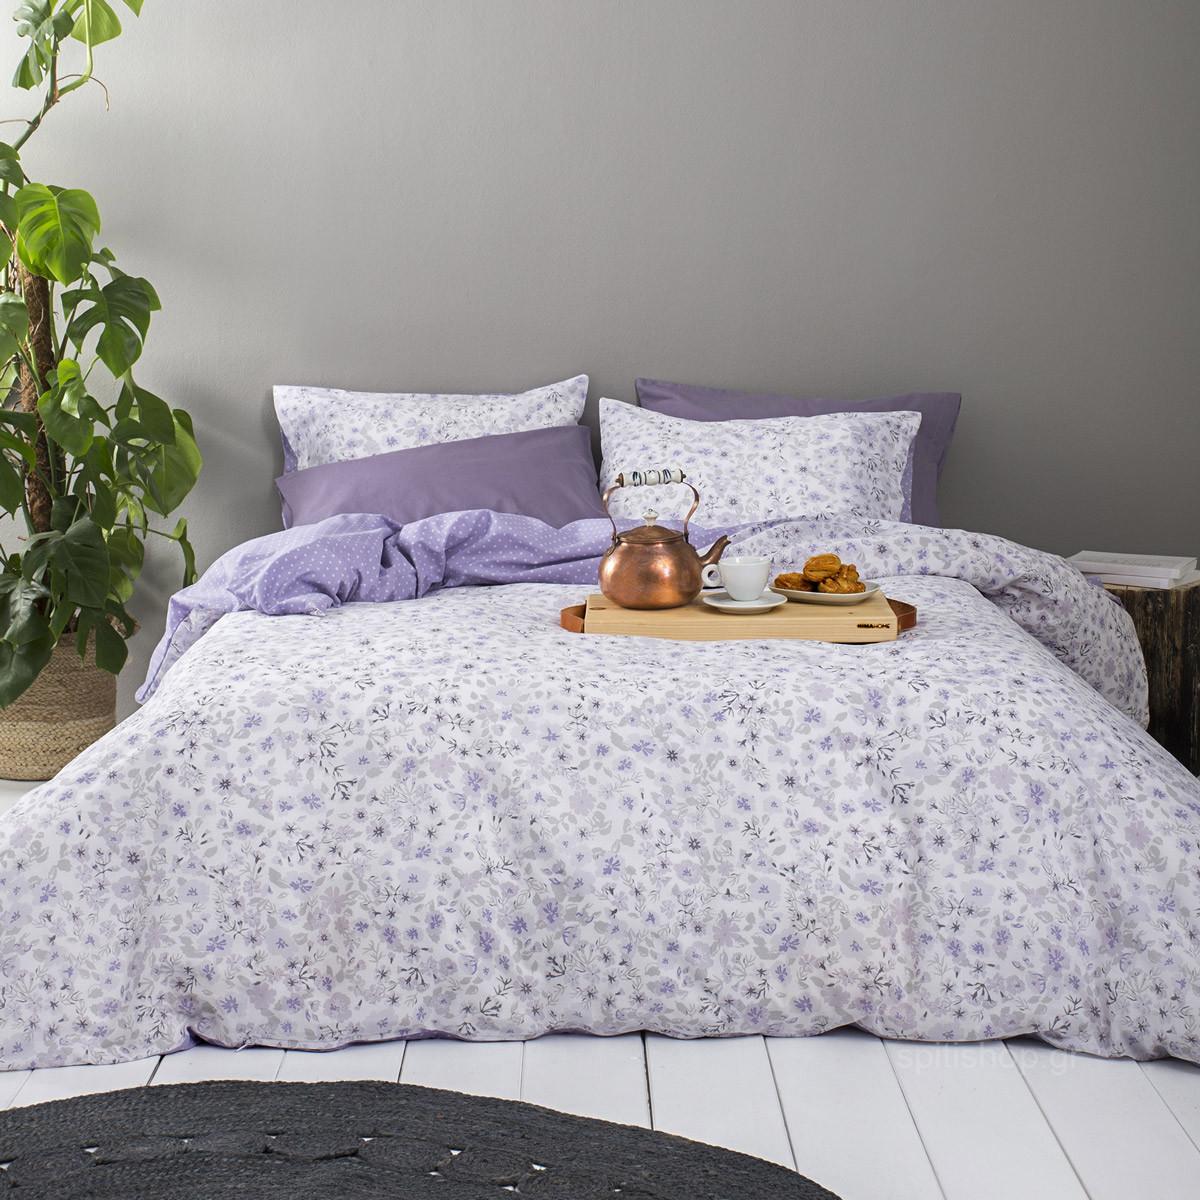 Ζεύγος Μαξιλαροθήκες Nima Bed Linen Flowering